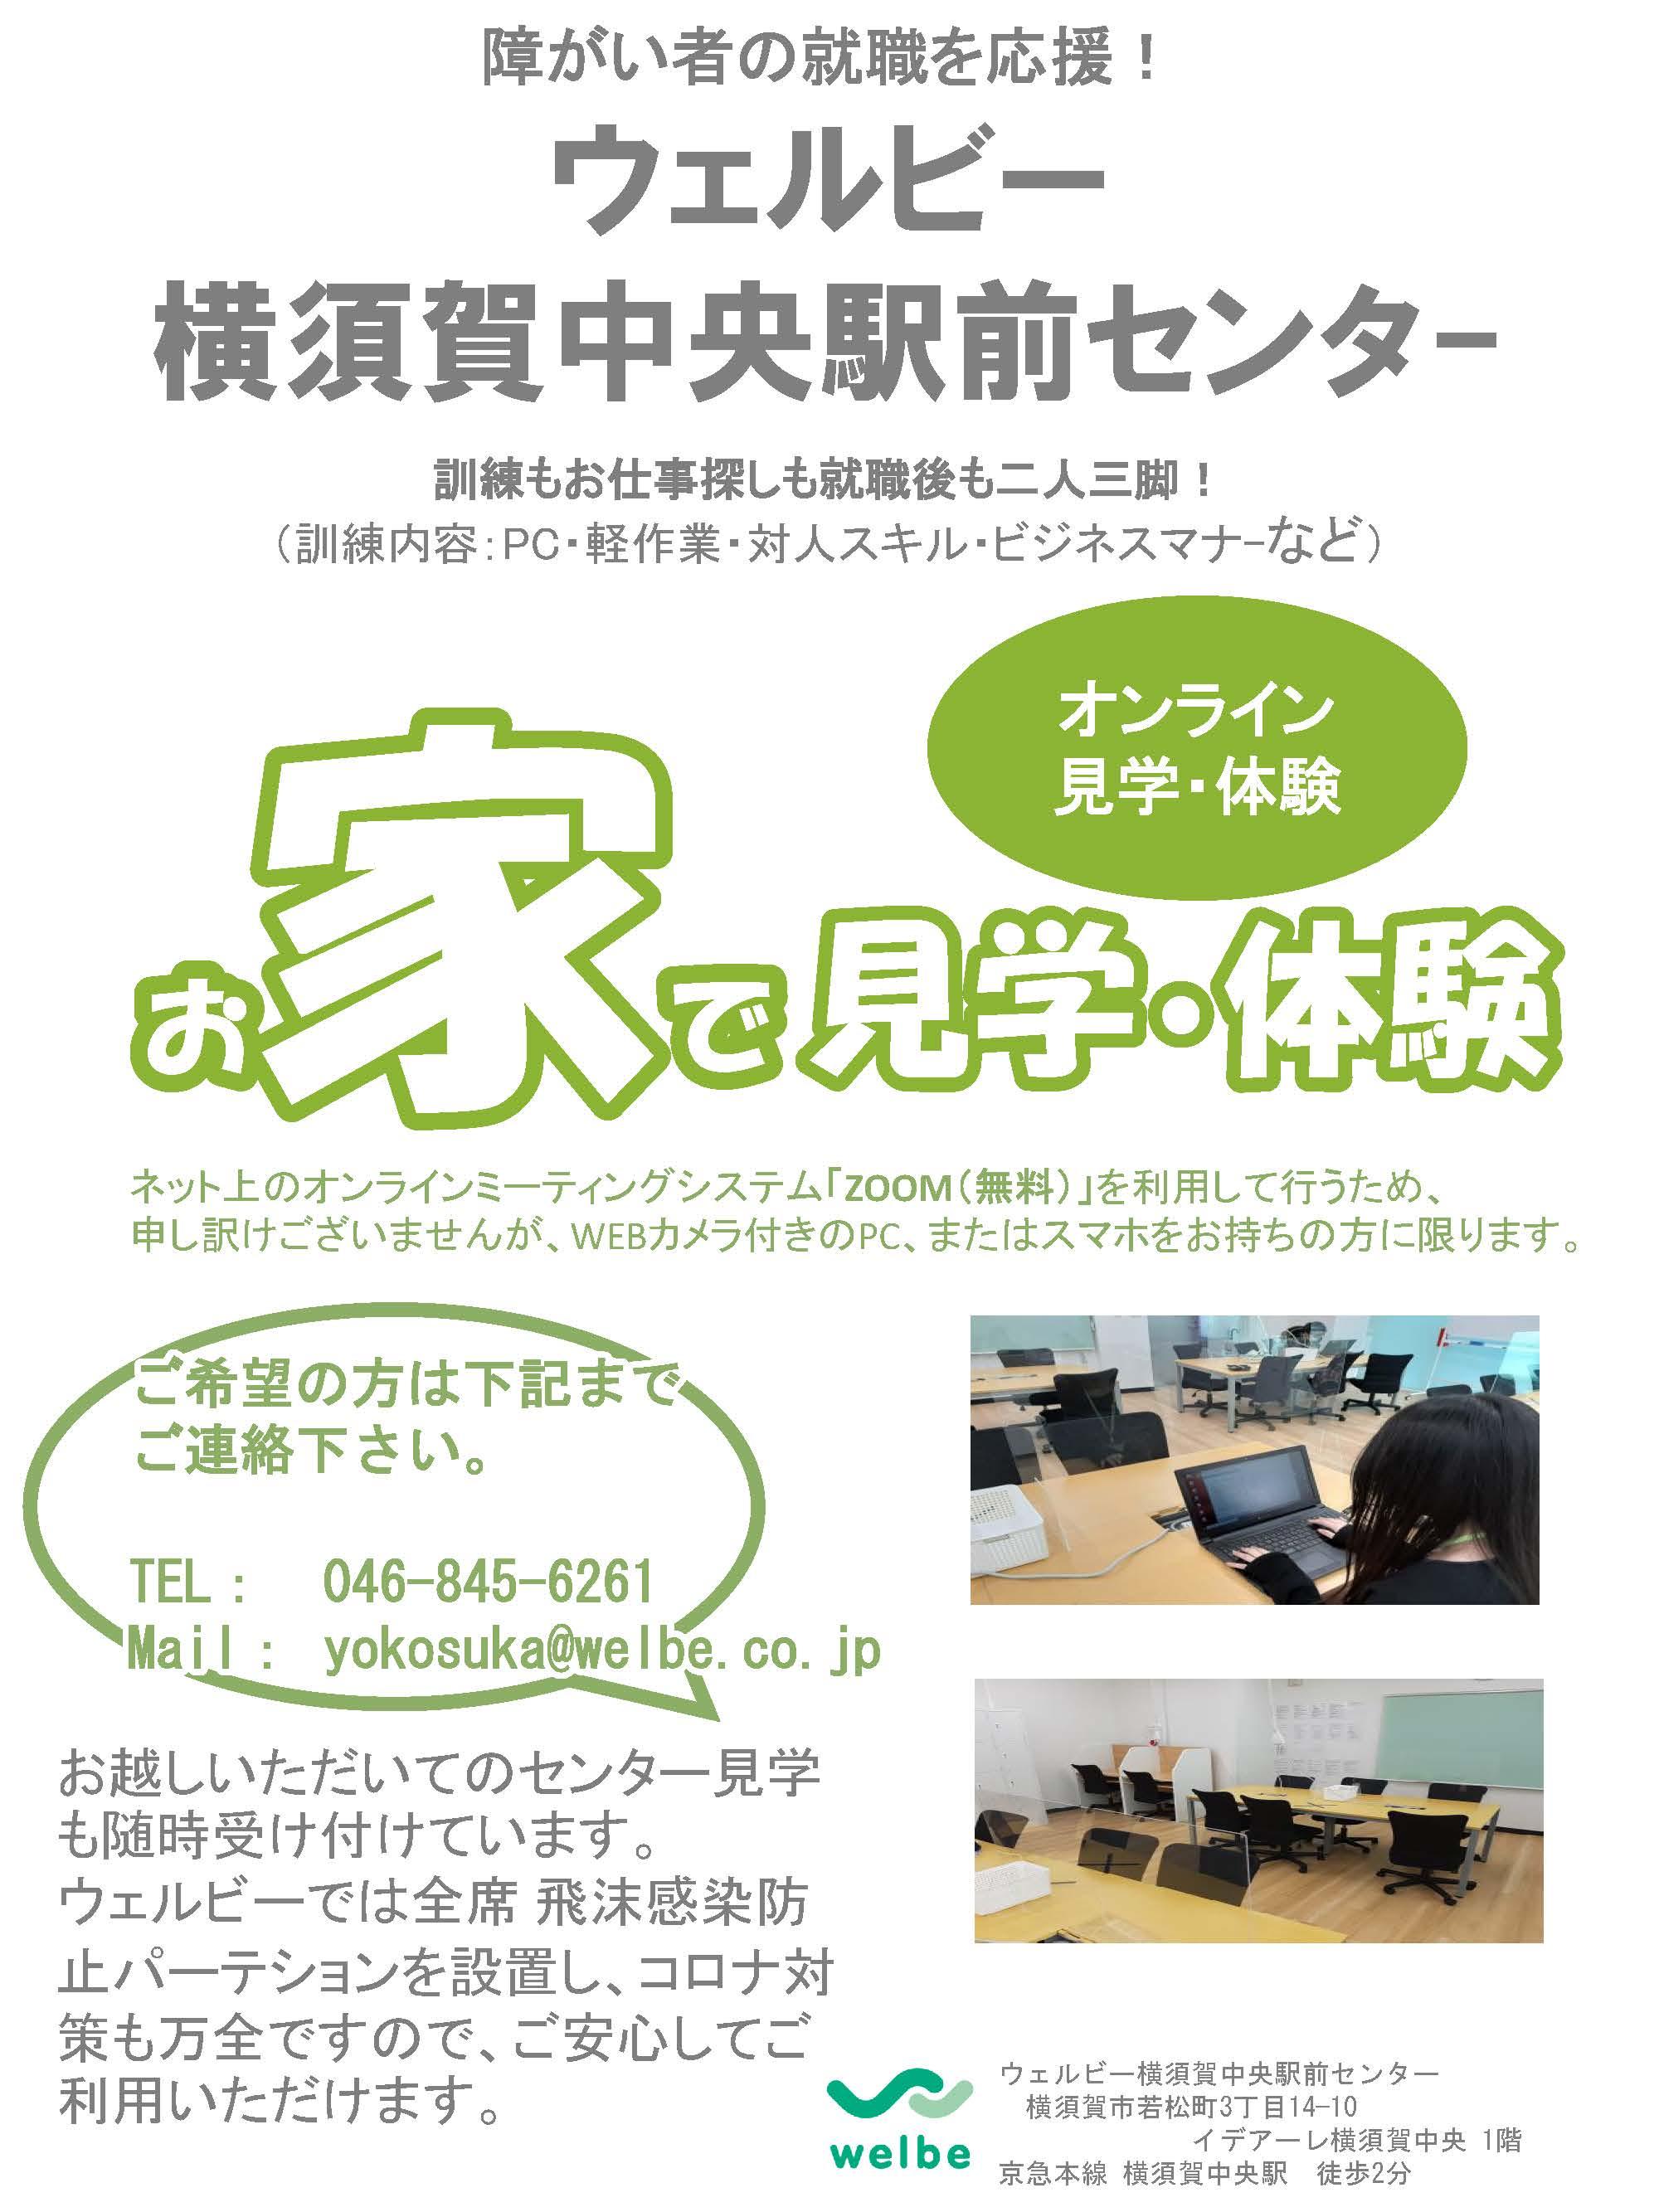 横須賀チラシデータ20210520